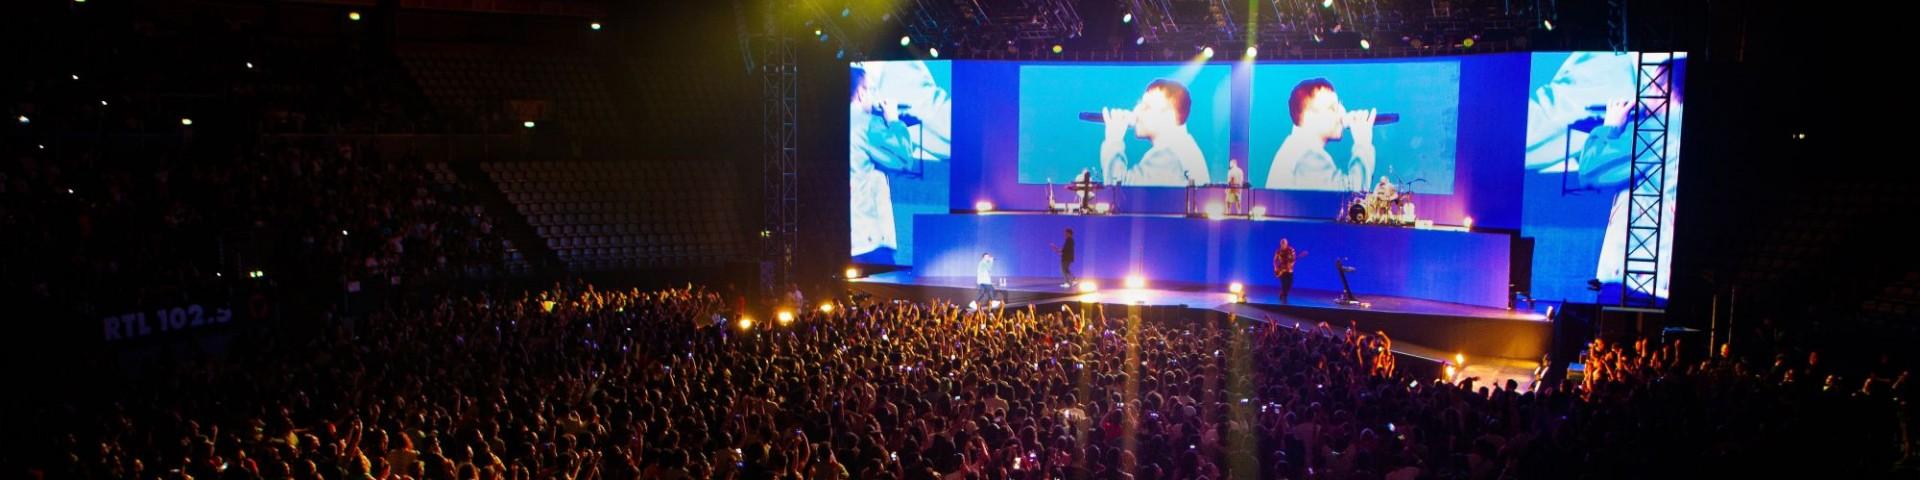 Coez in concerto a Roma per tre anteprime live: scaletta e come arrivare